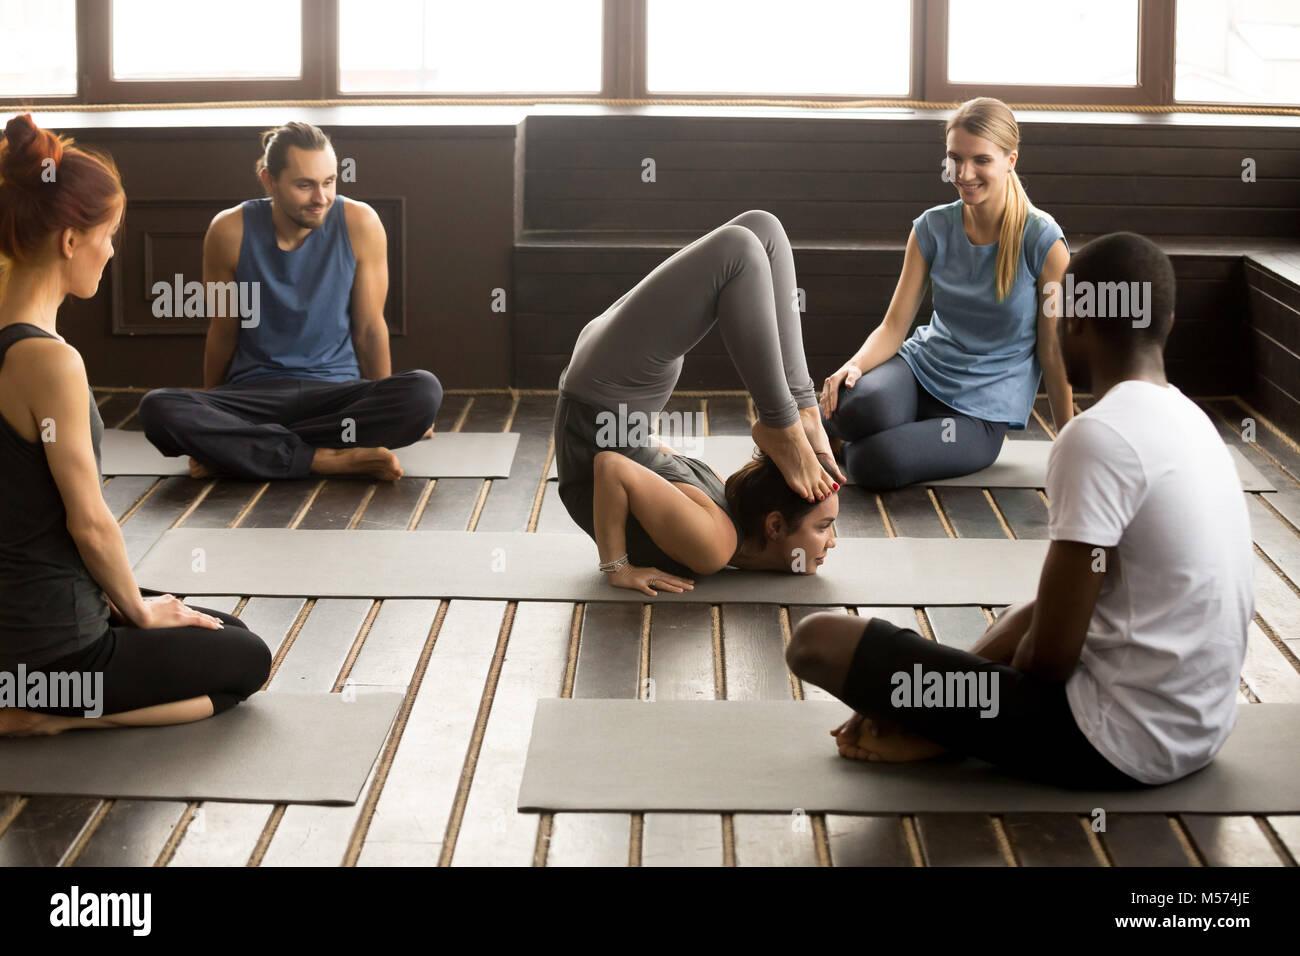 Las personas mirando multirracial instructor realizar yoga en pose Imagen De Stock